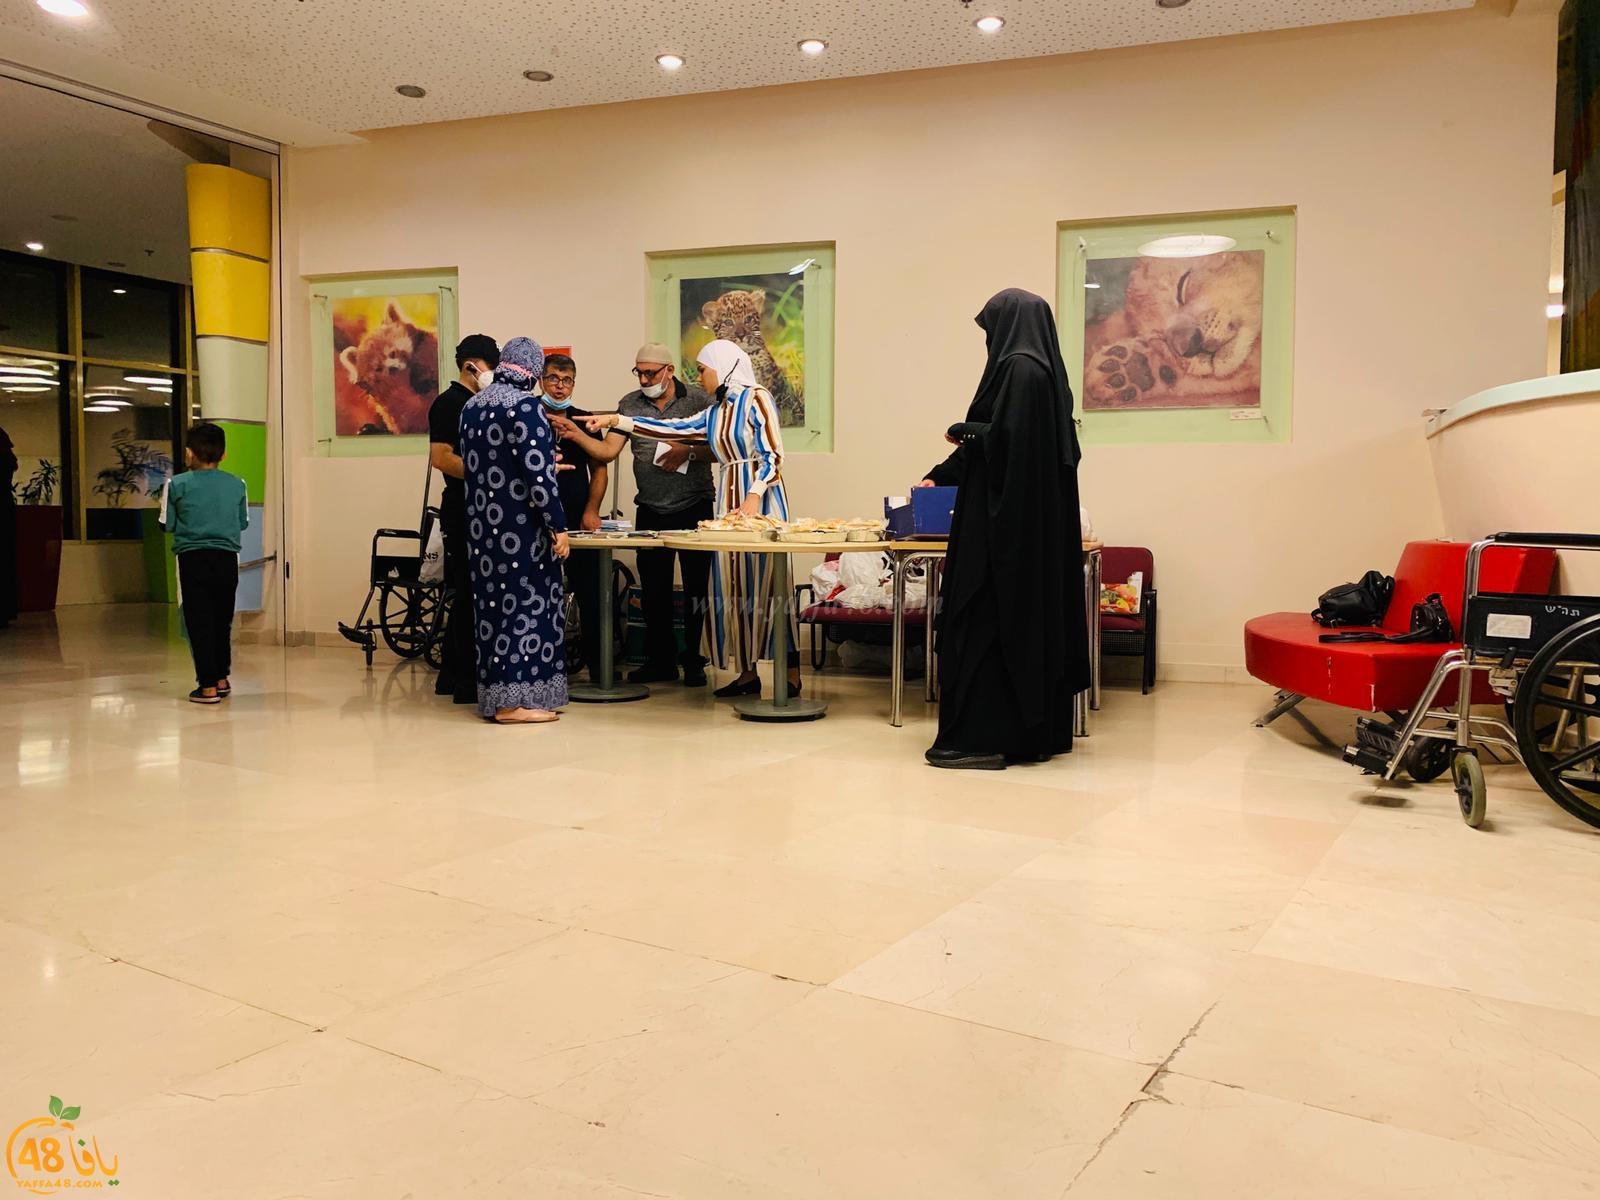 وفد من اللد في زيارة للأطفال المرضى في مستشفى تل هشومير